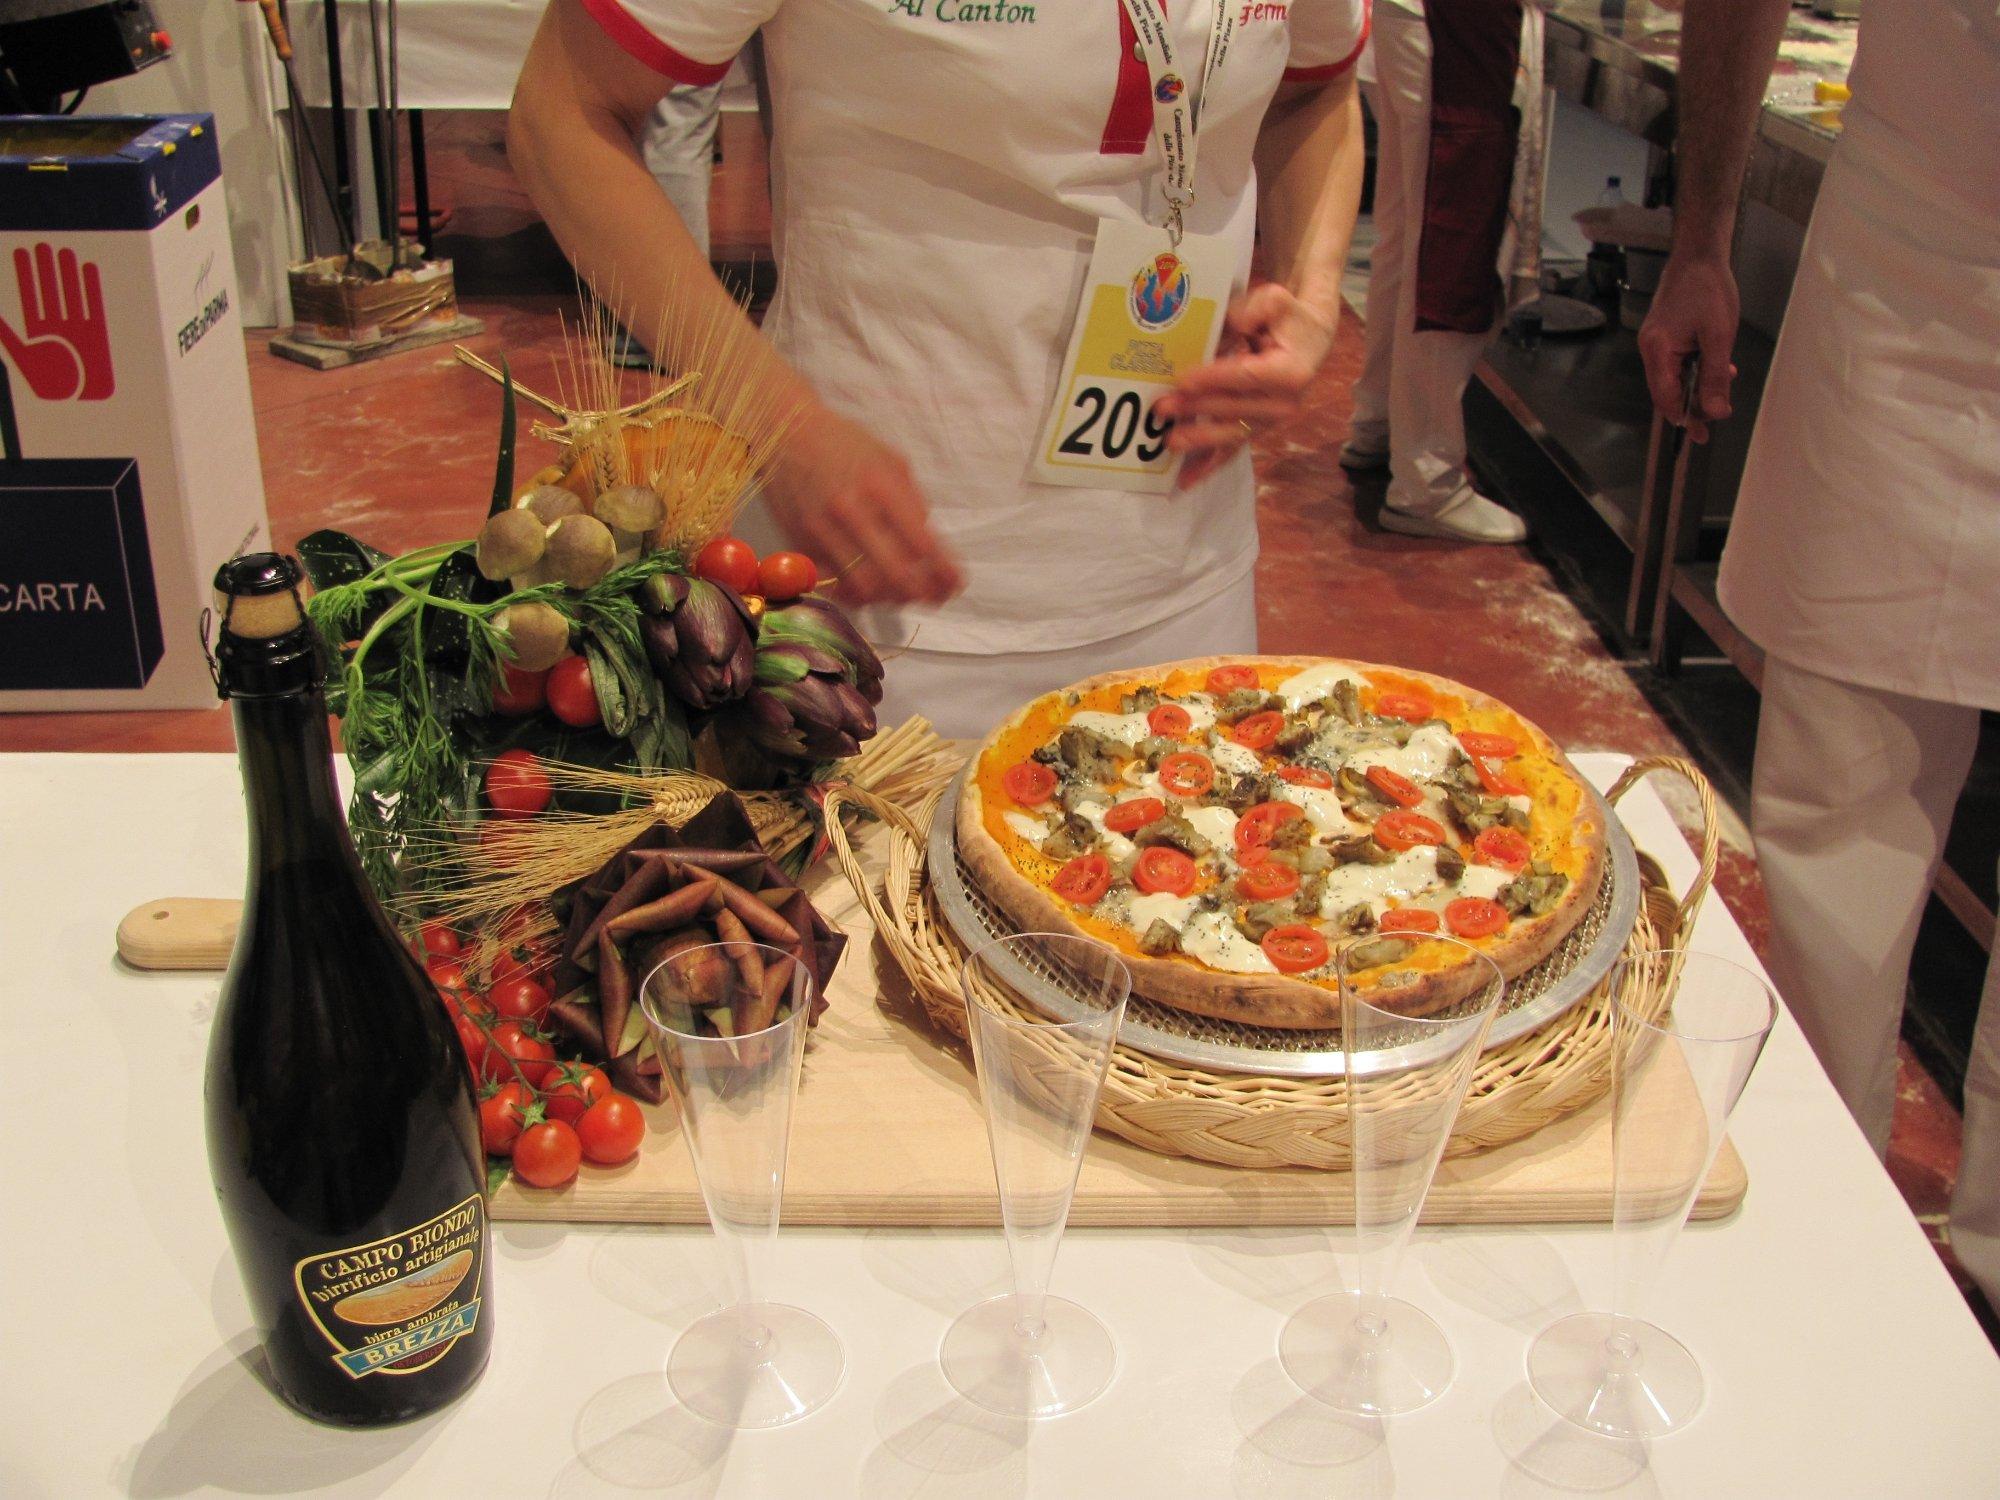 Pizzeria Al Canton, Legnaro